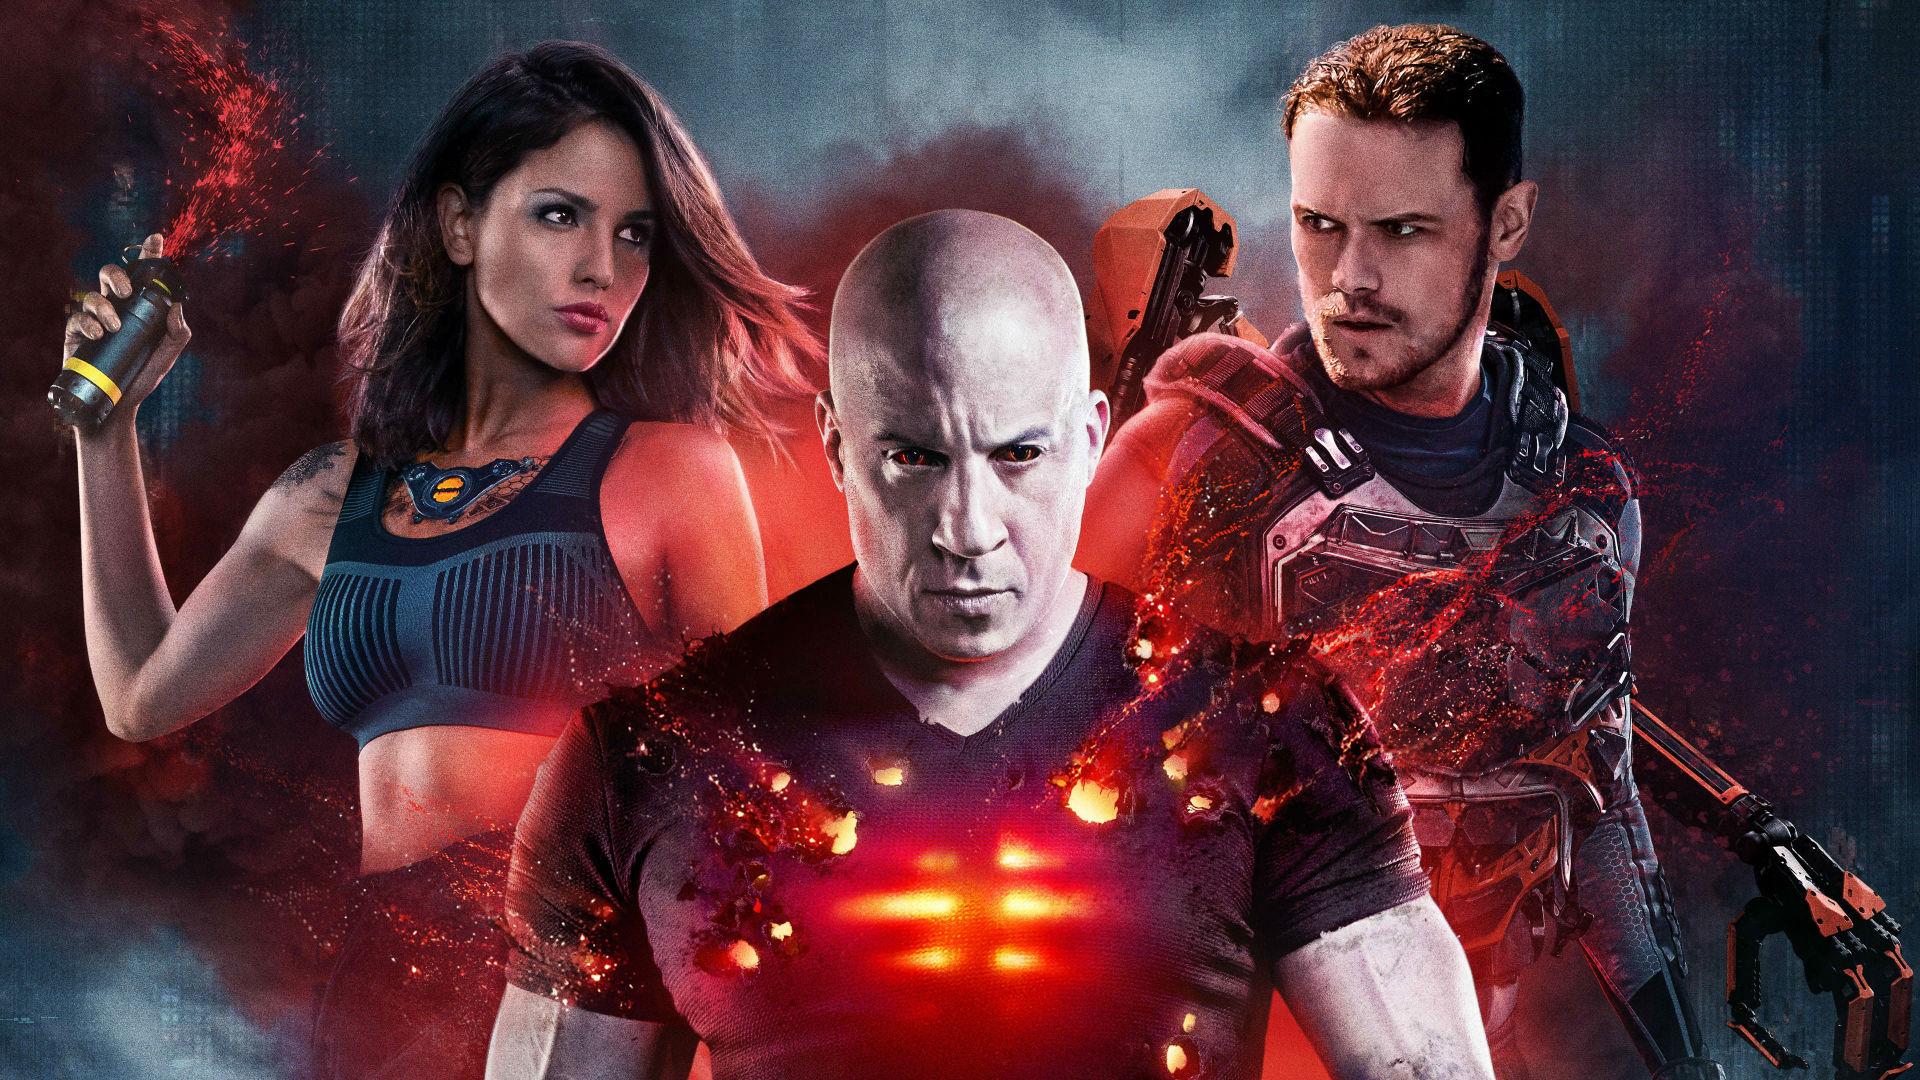 В сеть выложили удаленную сцену из супергеройского фильма «Бладшот»